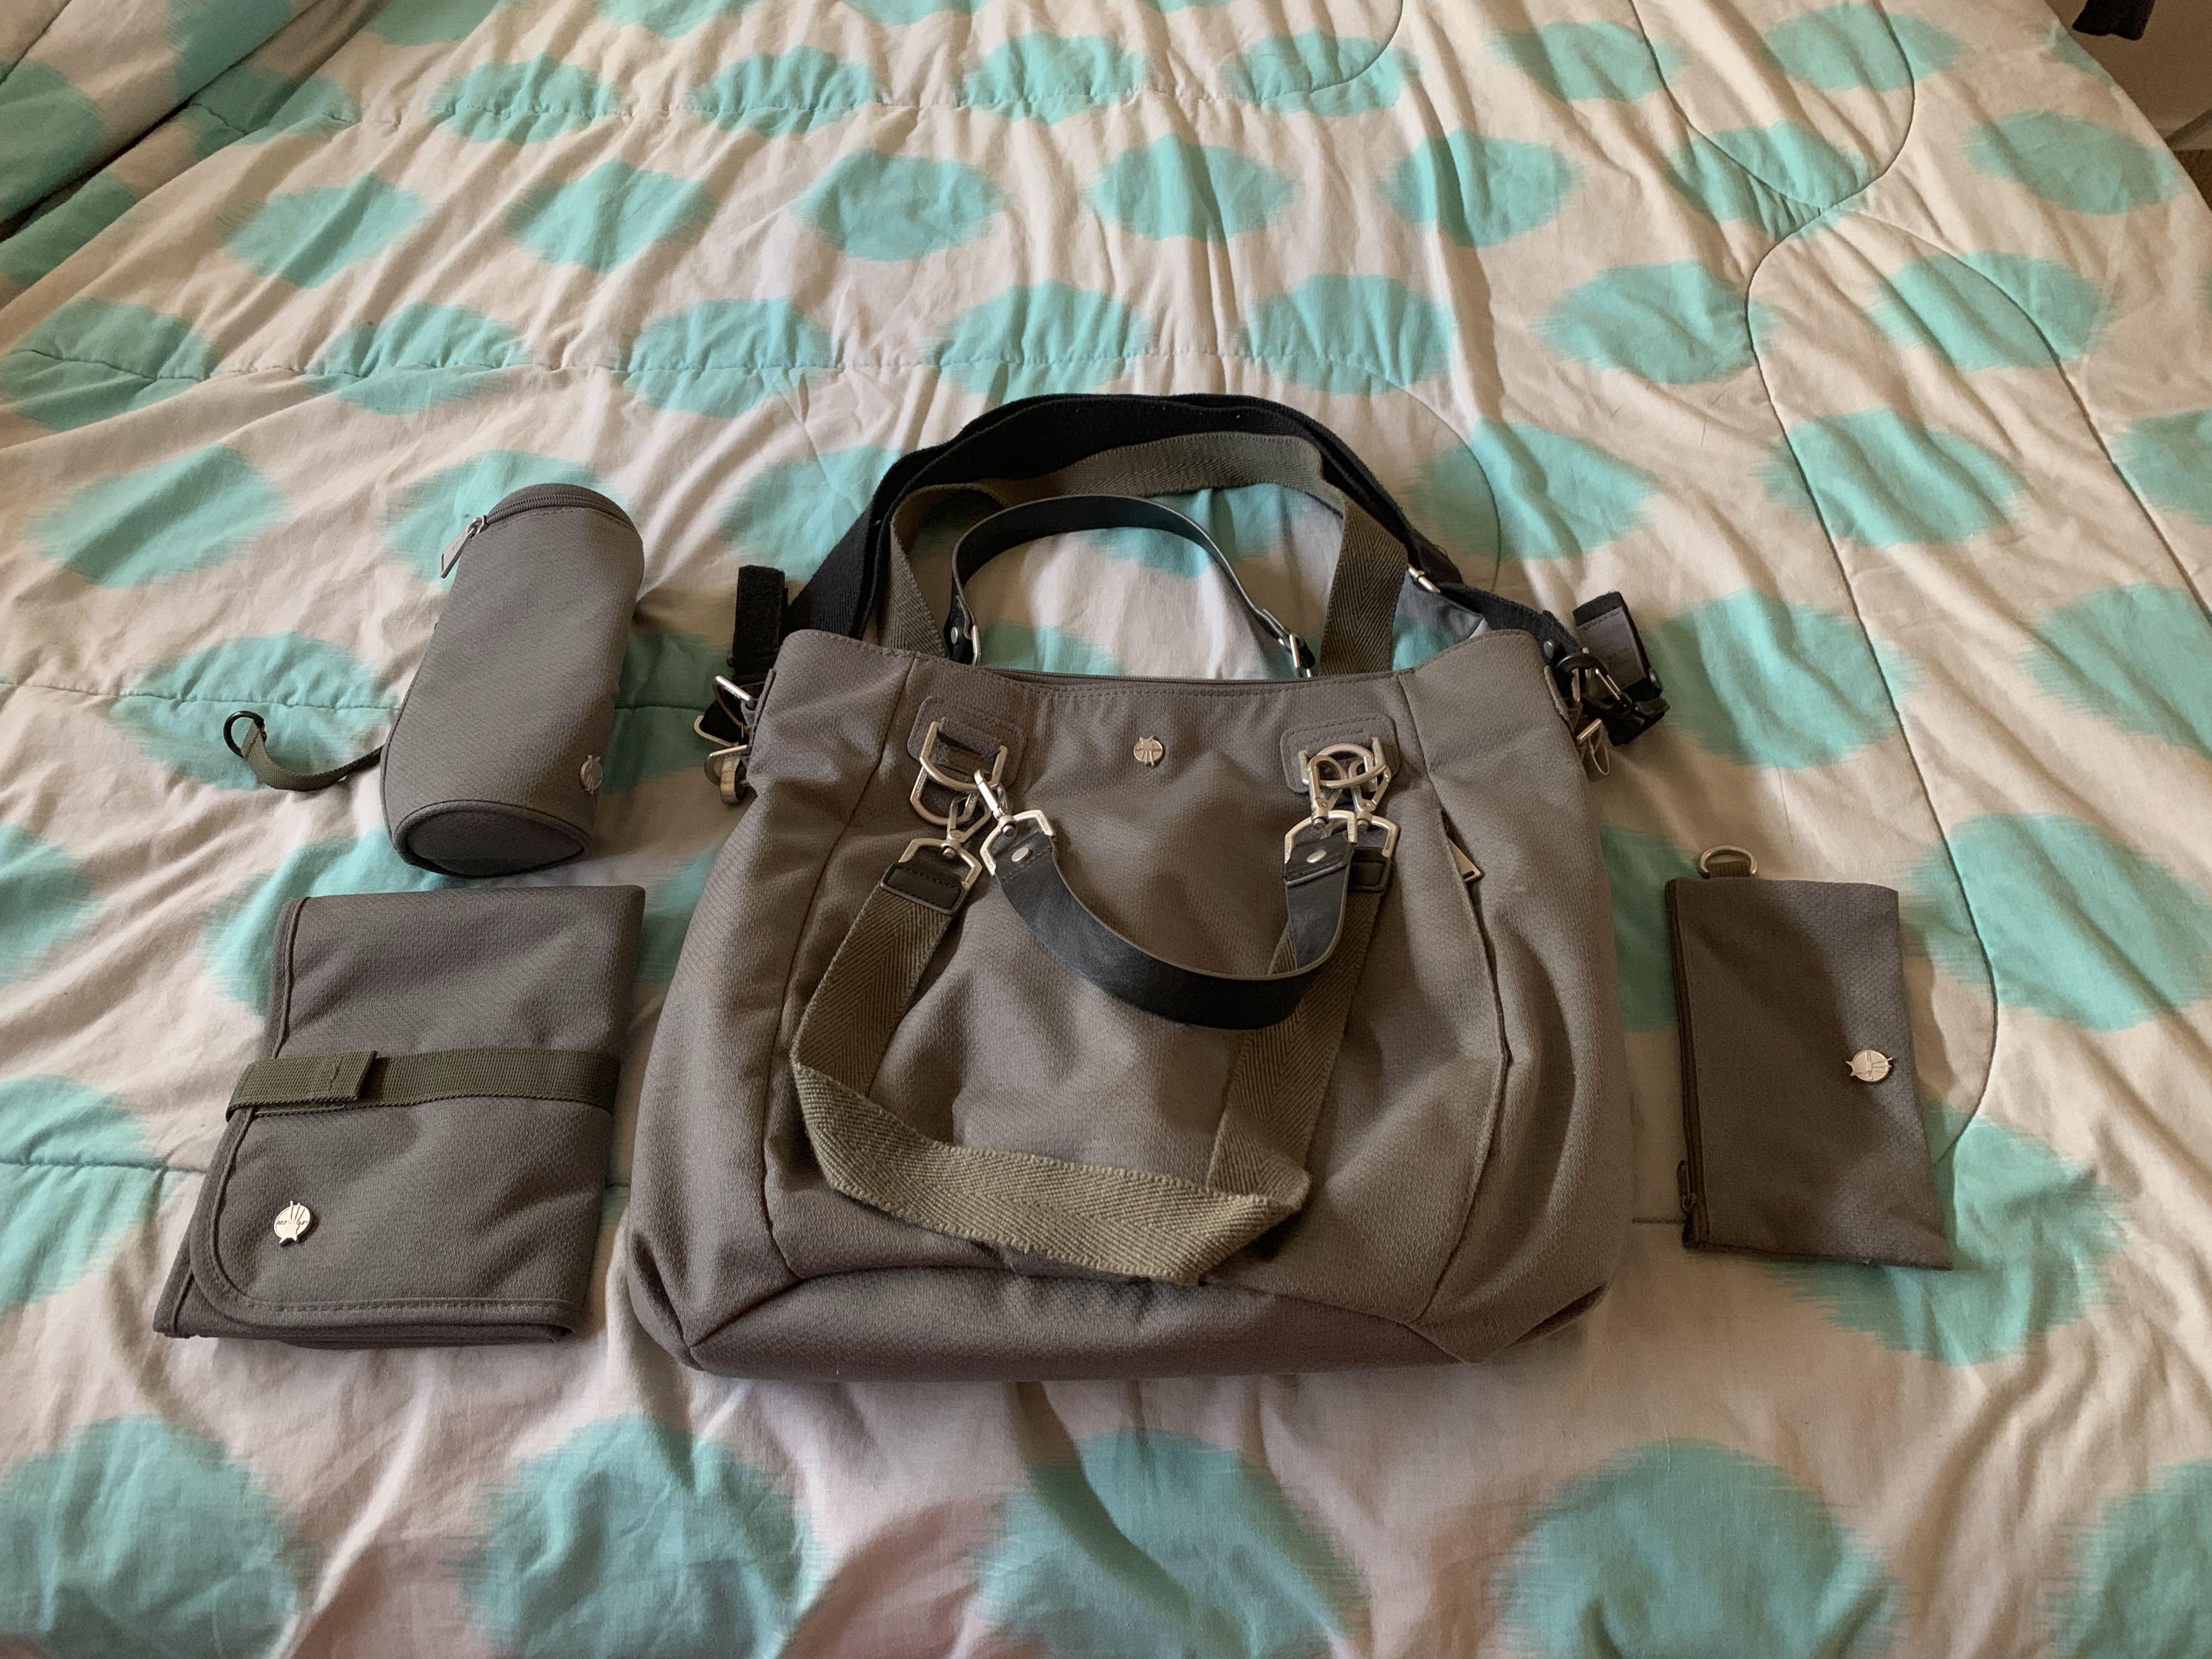 Lassig nappy bag